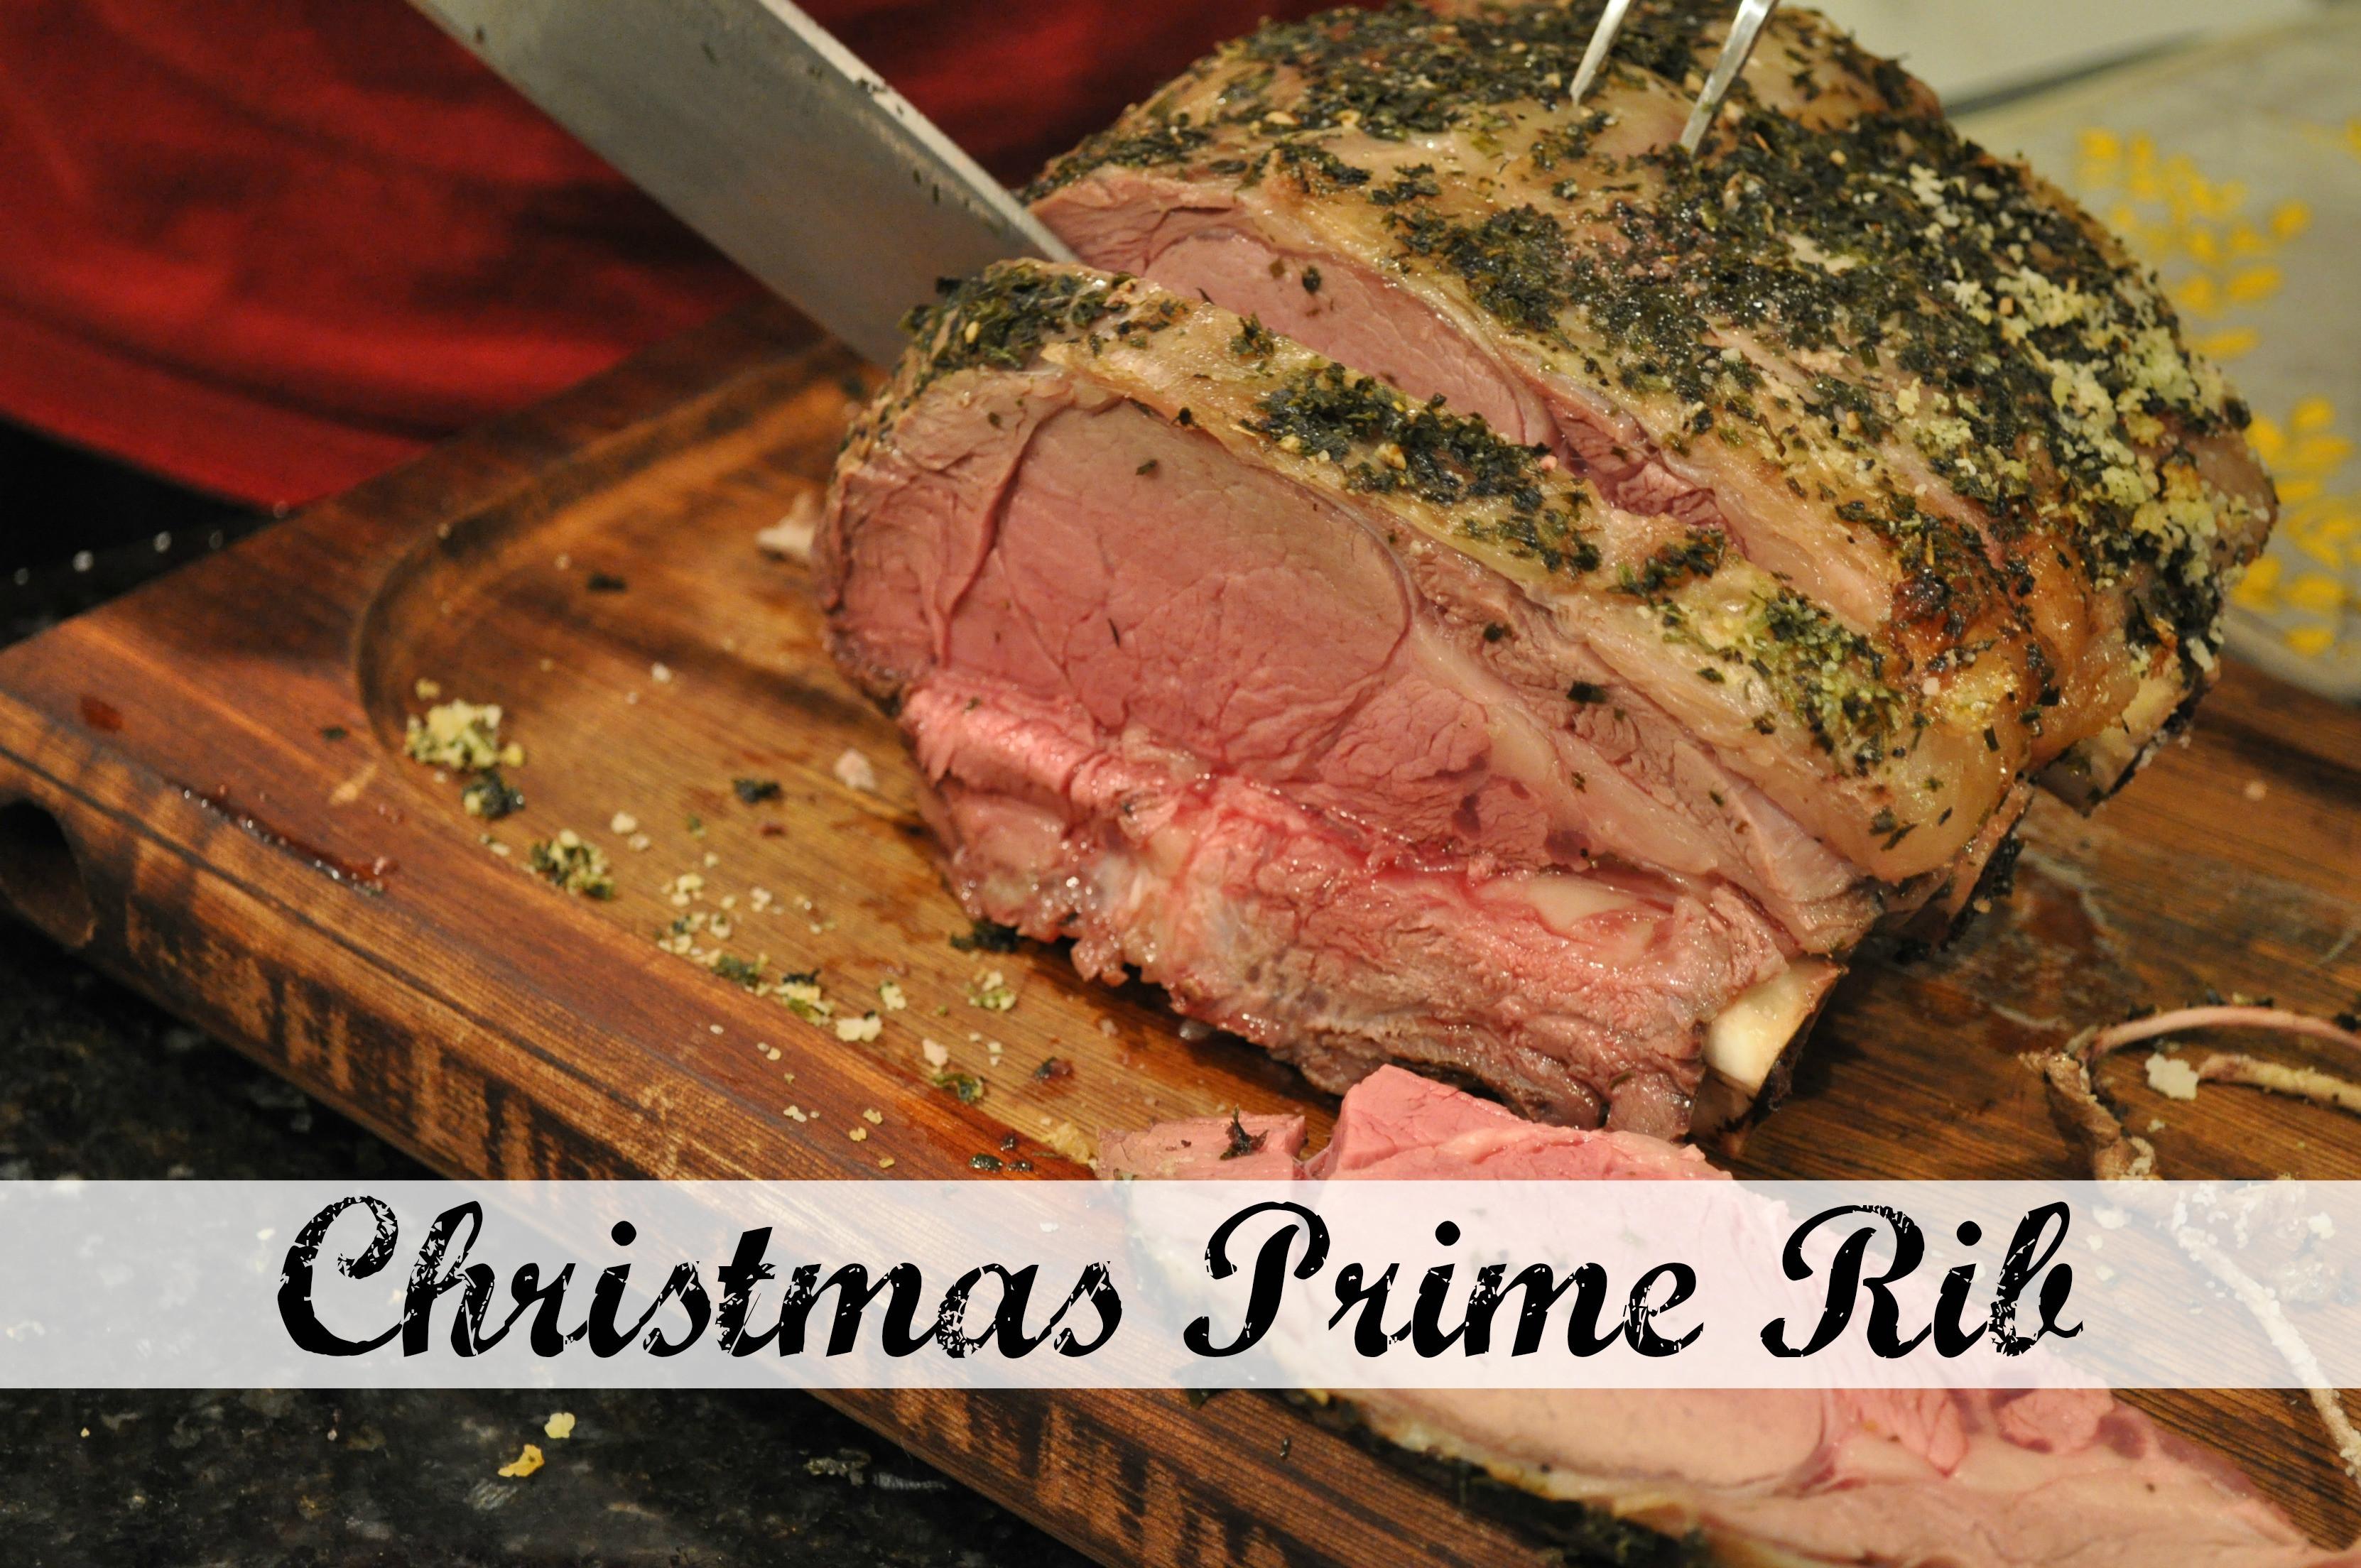 Christmas Prime Rib Recipe  Christmas Prime Rib